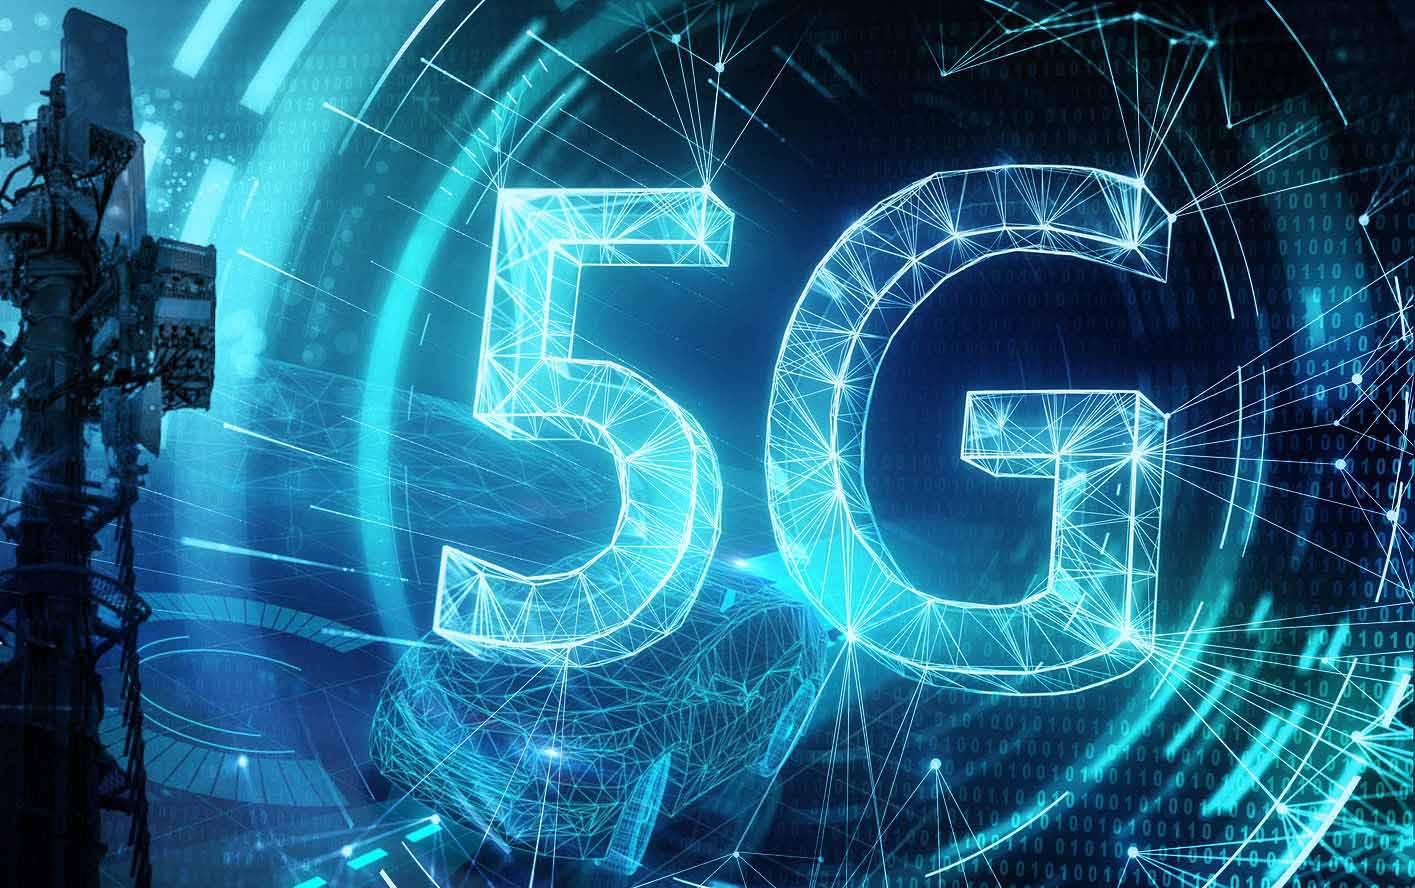 La tecnología 5G promete aumentar en forma exponencial la velocidad de las redes móviles.